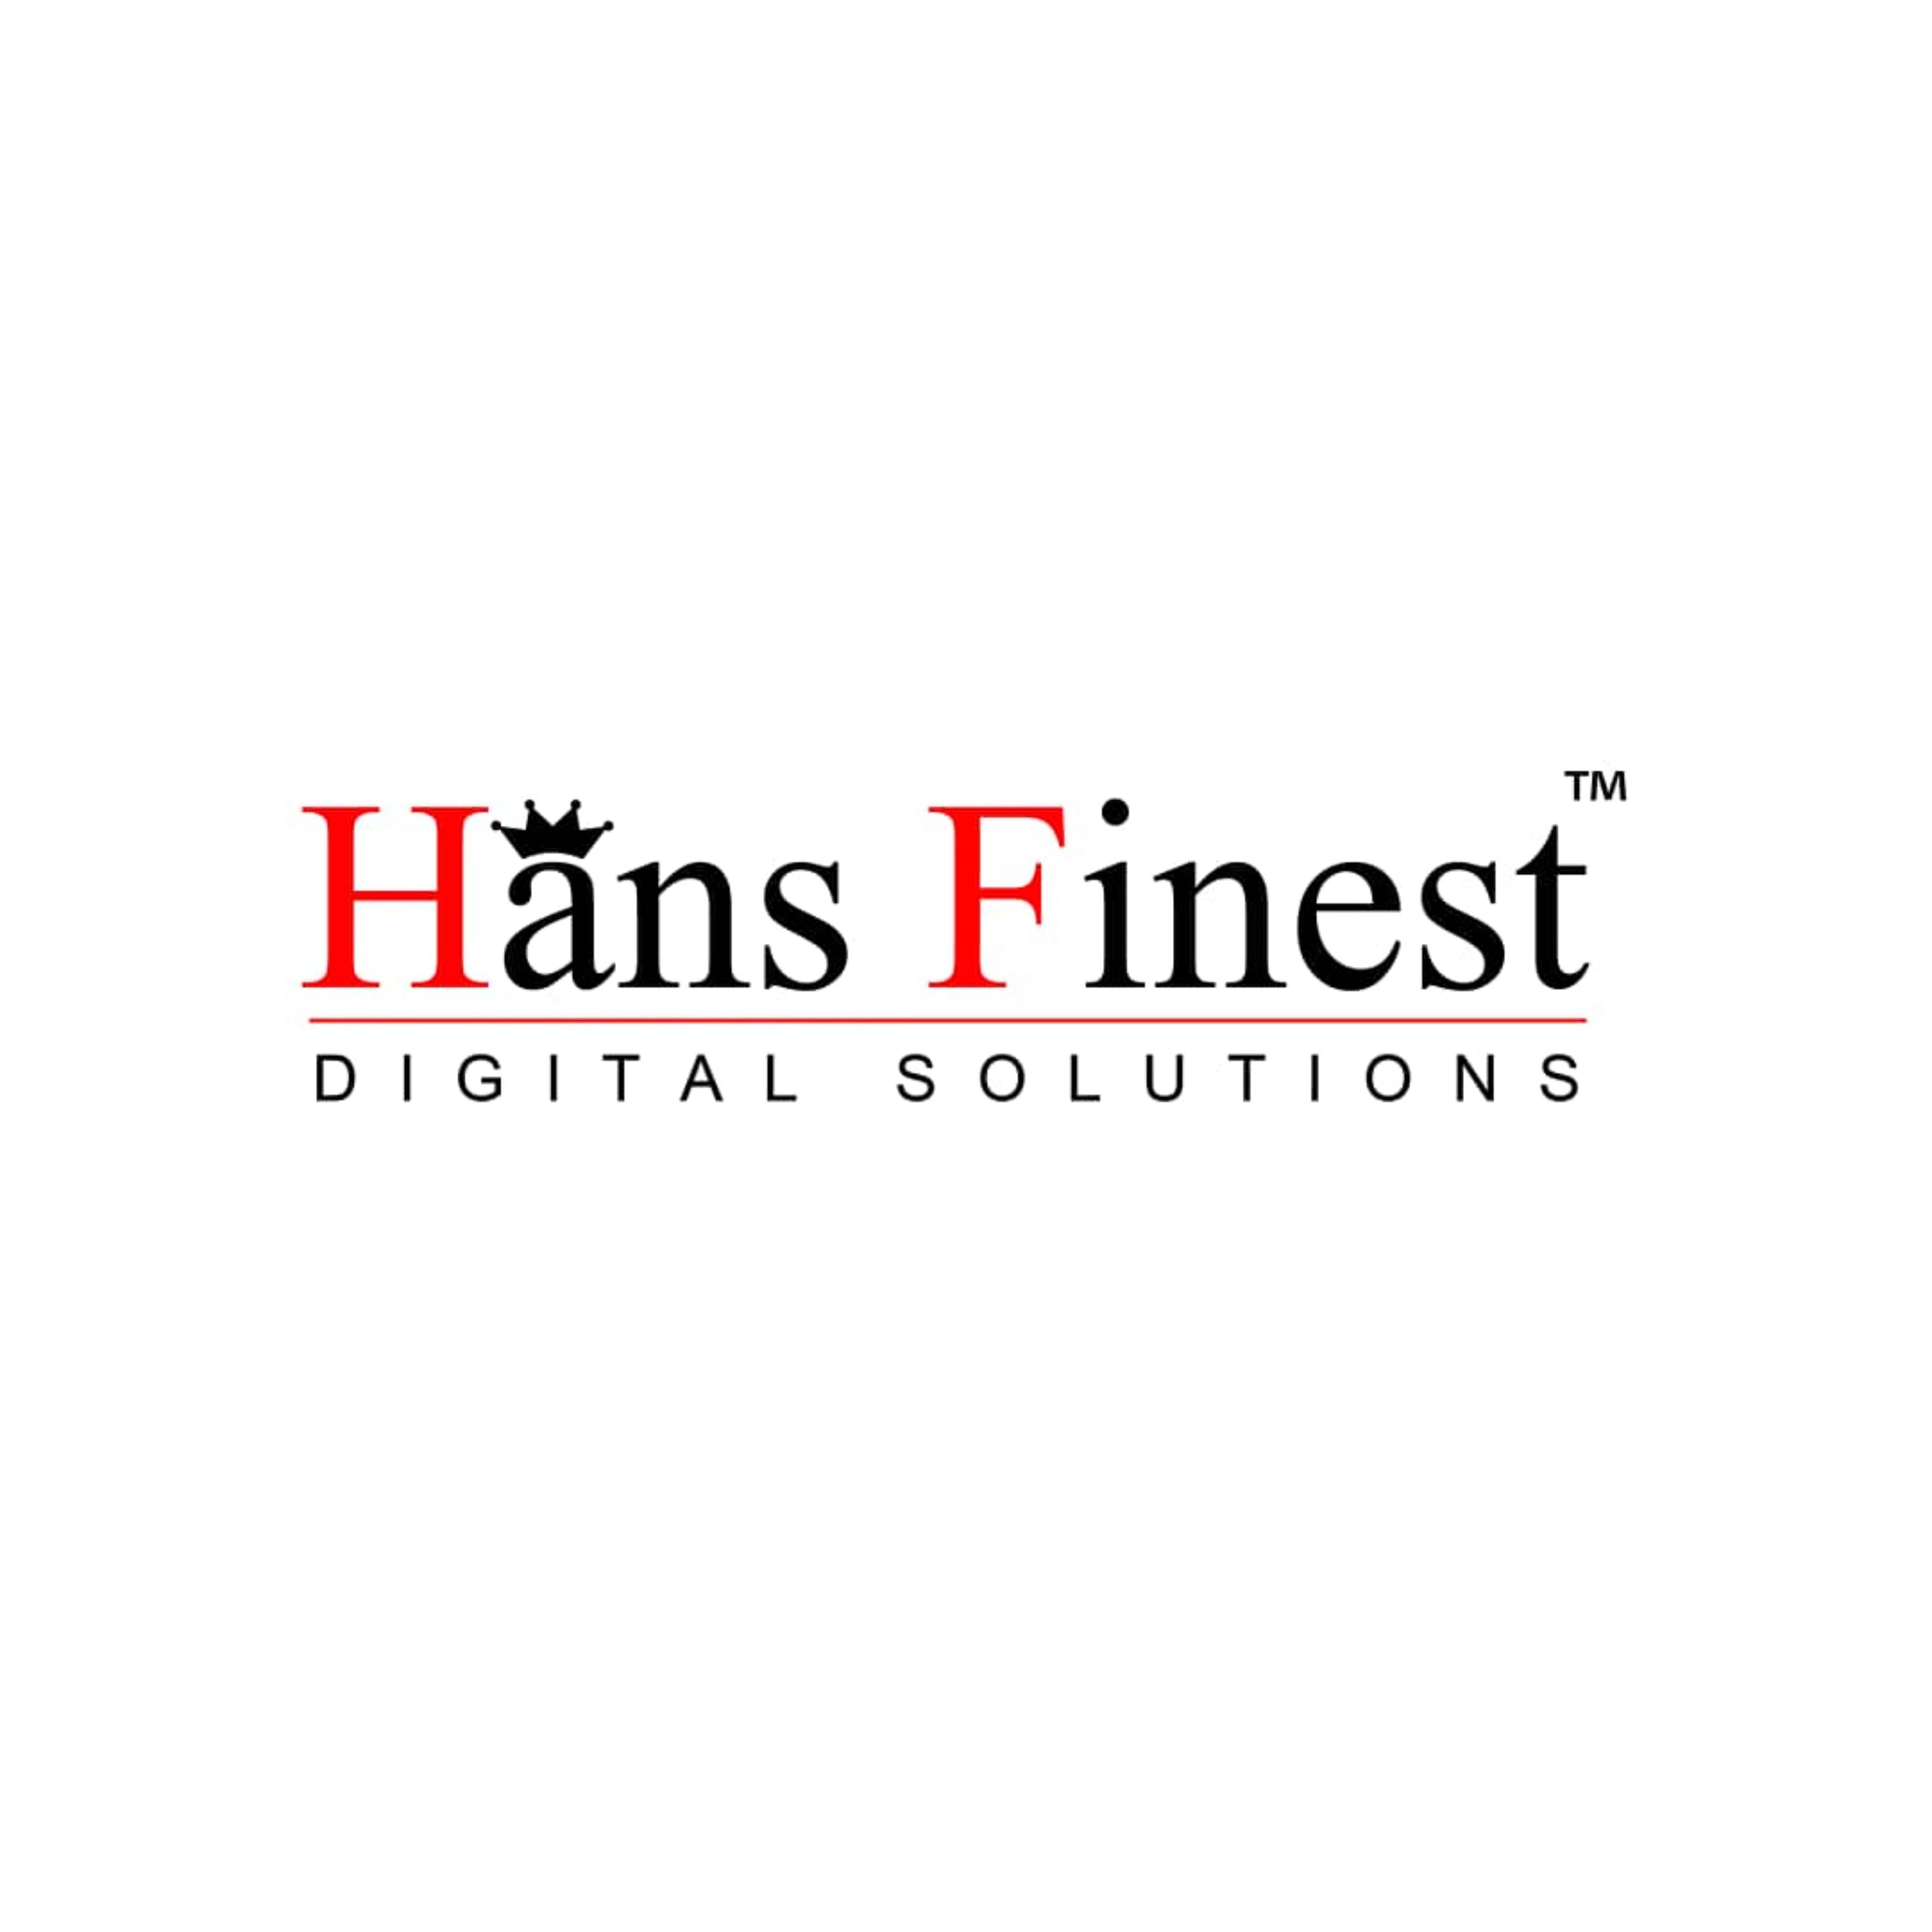 Hans Finest Digital Solutions